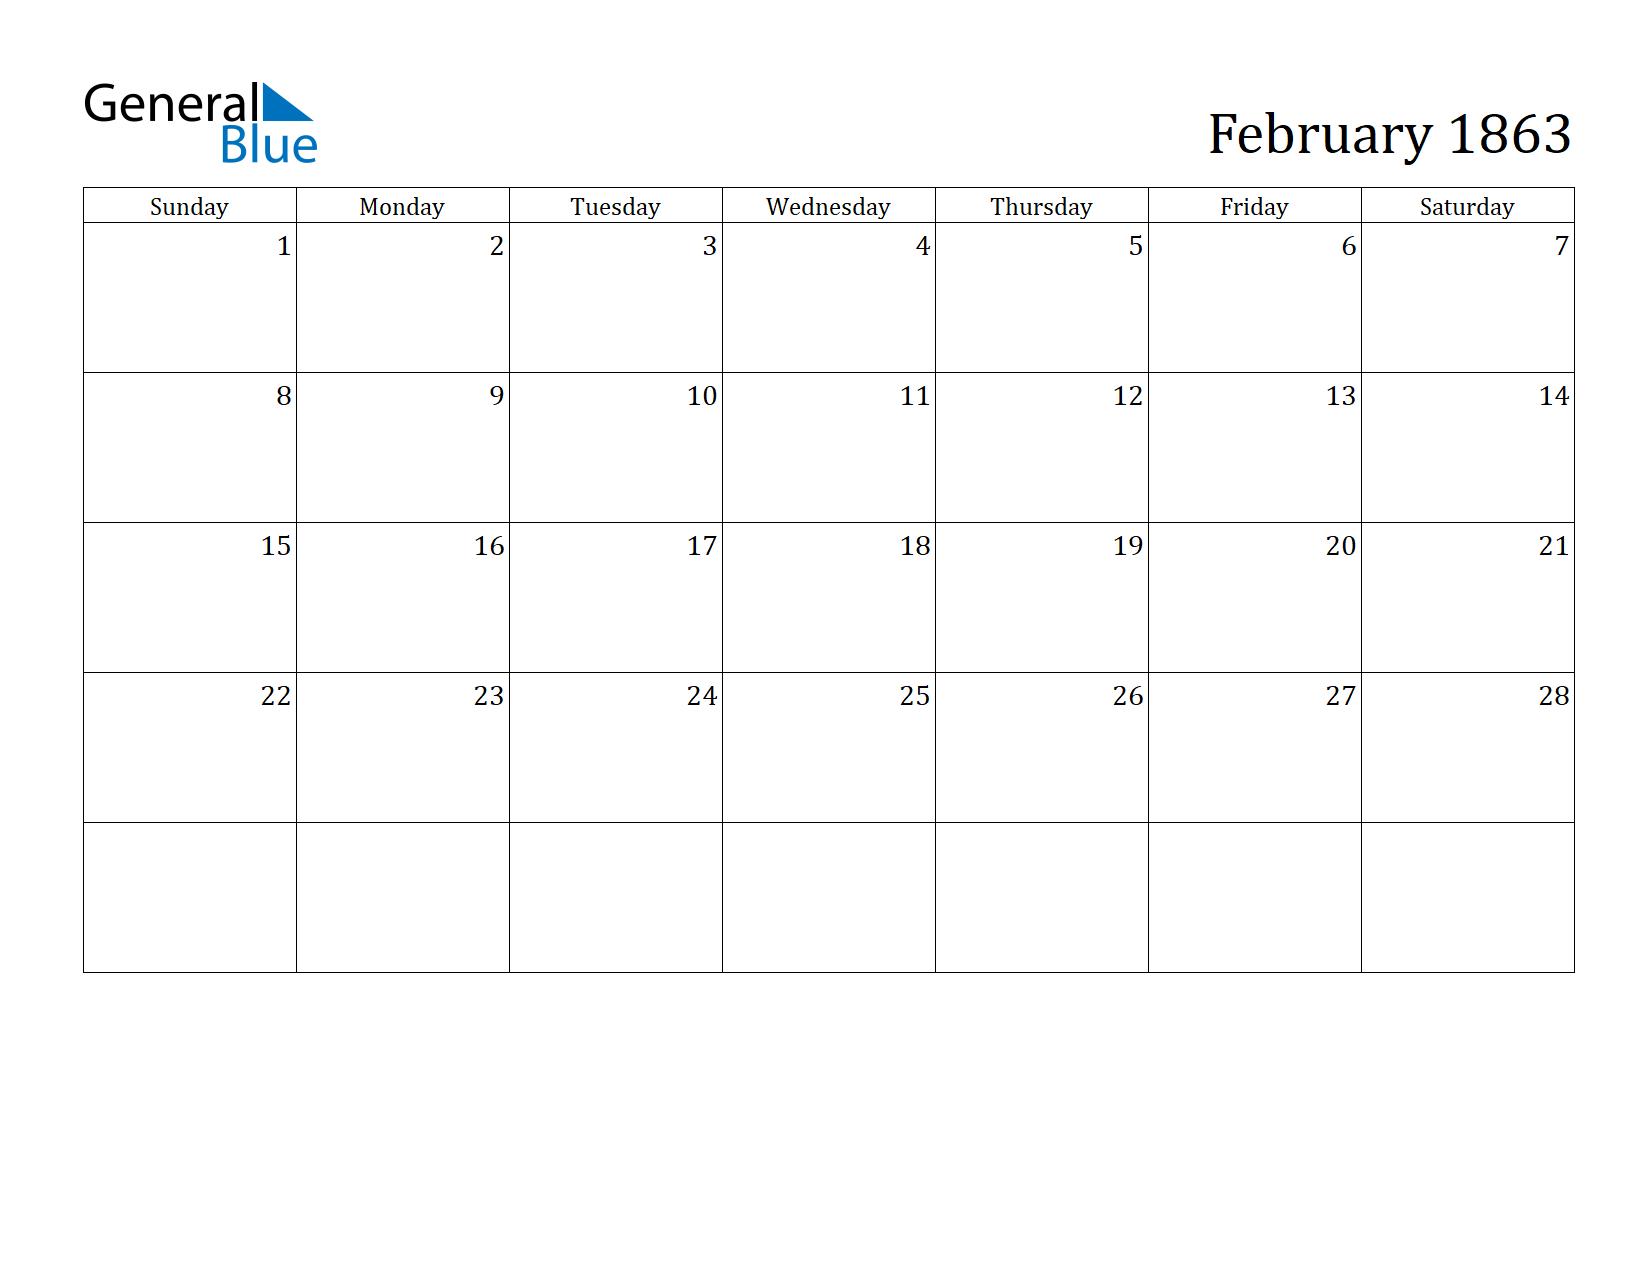 Image of February 1863 Calendar